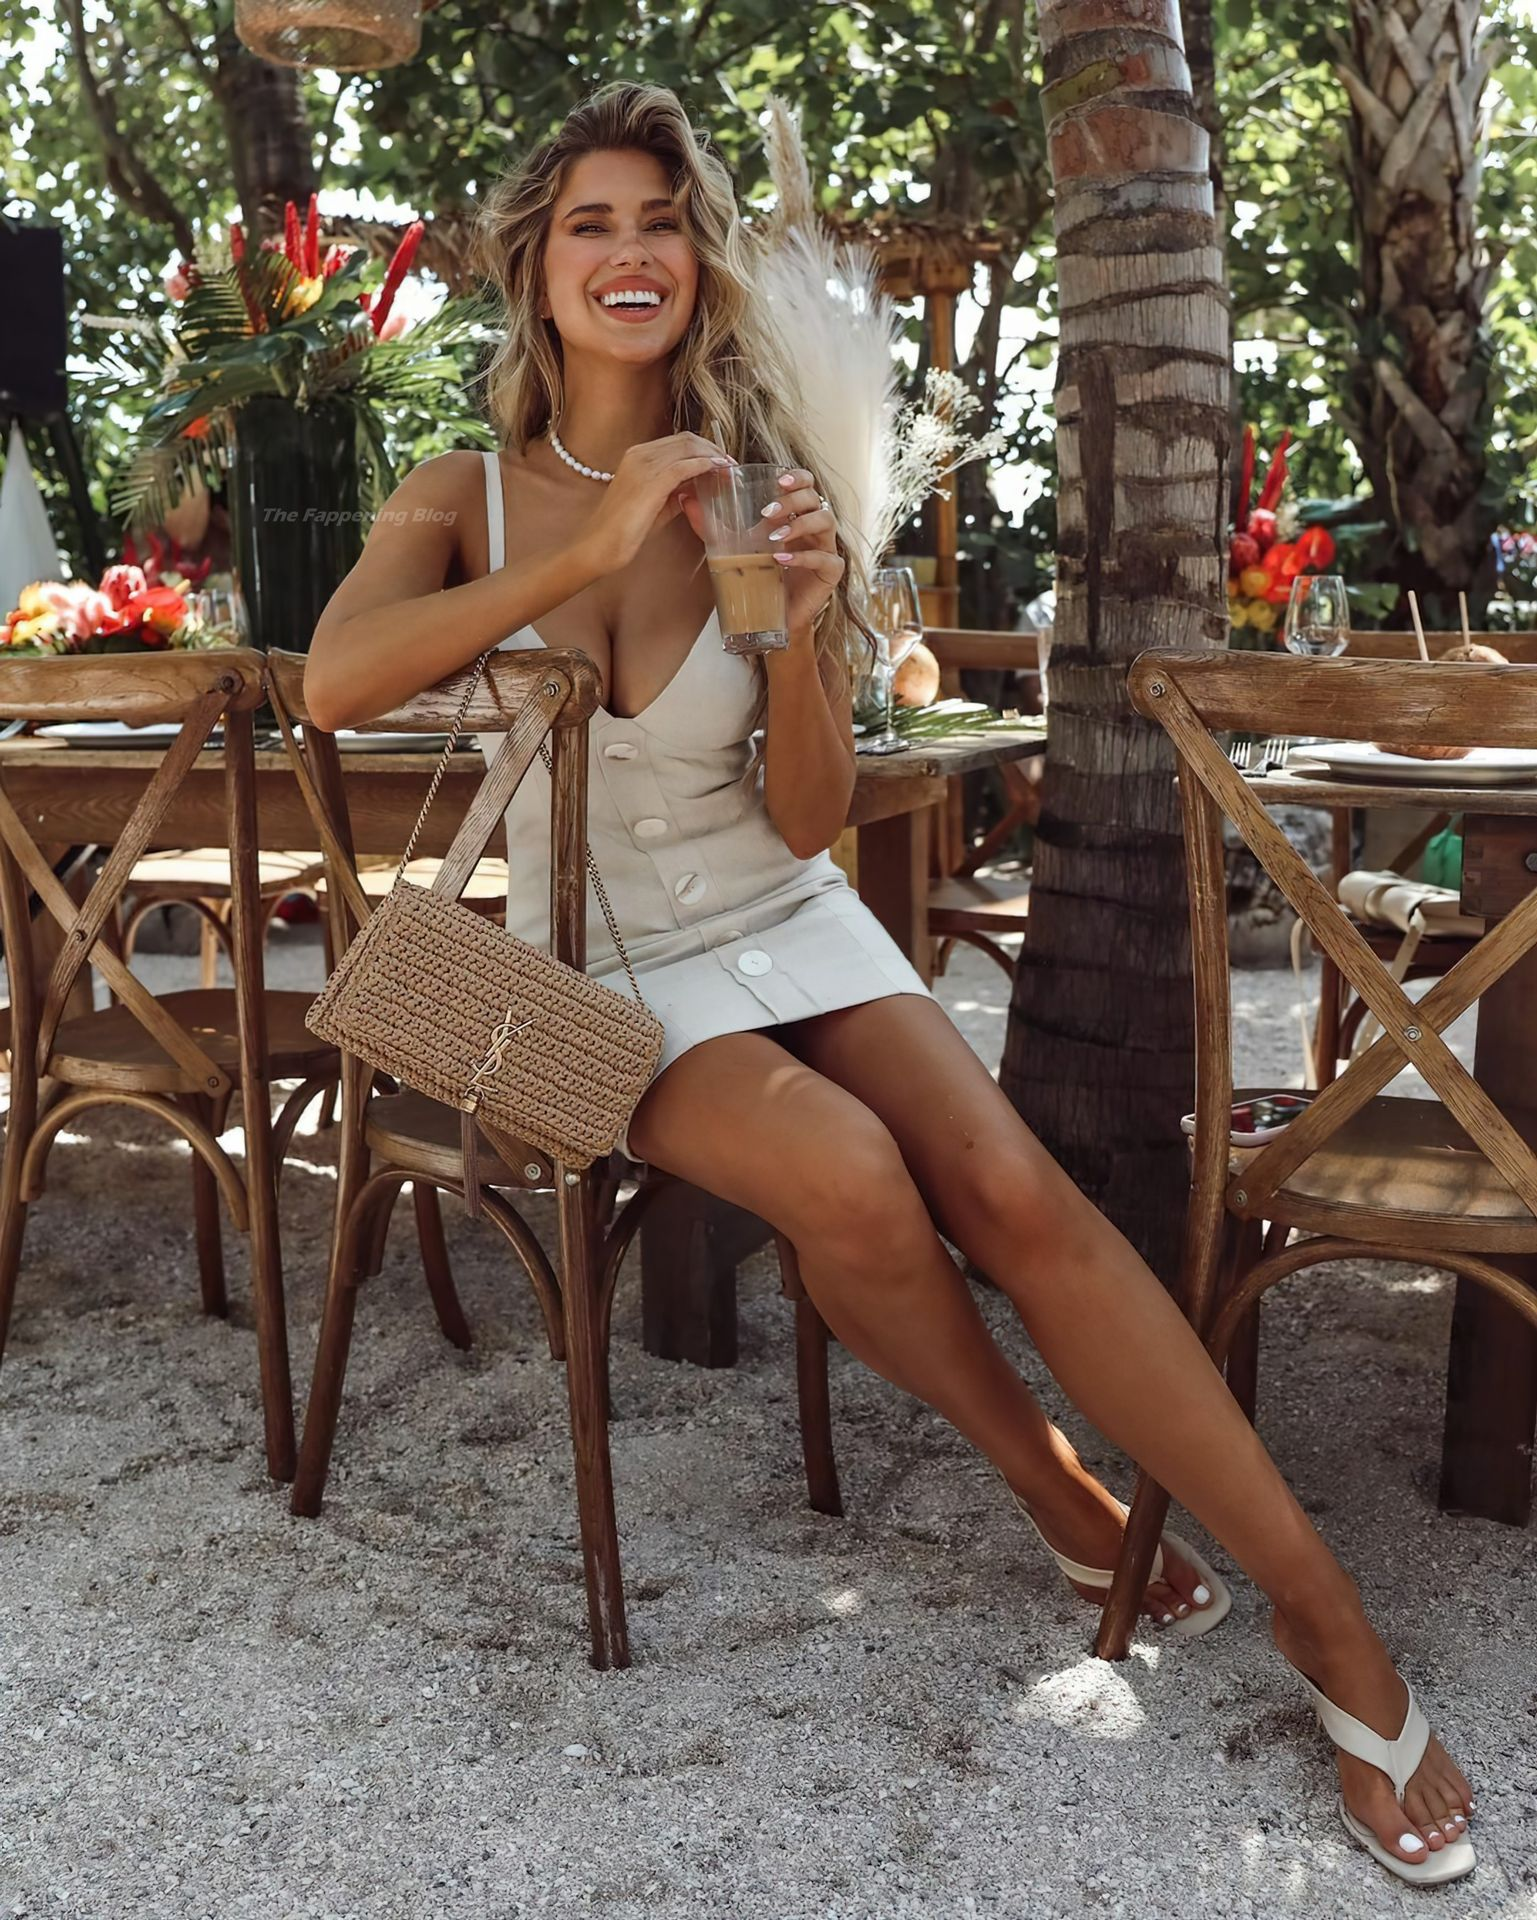 Kara-Del-Toro-Gorgeous-Boobs-2thefappeningblog.com_.jpg